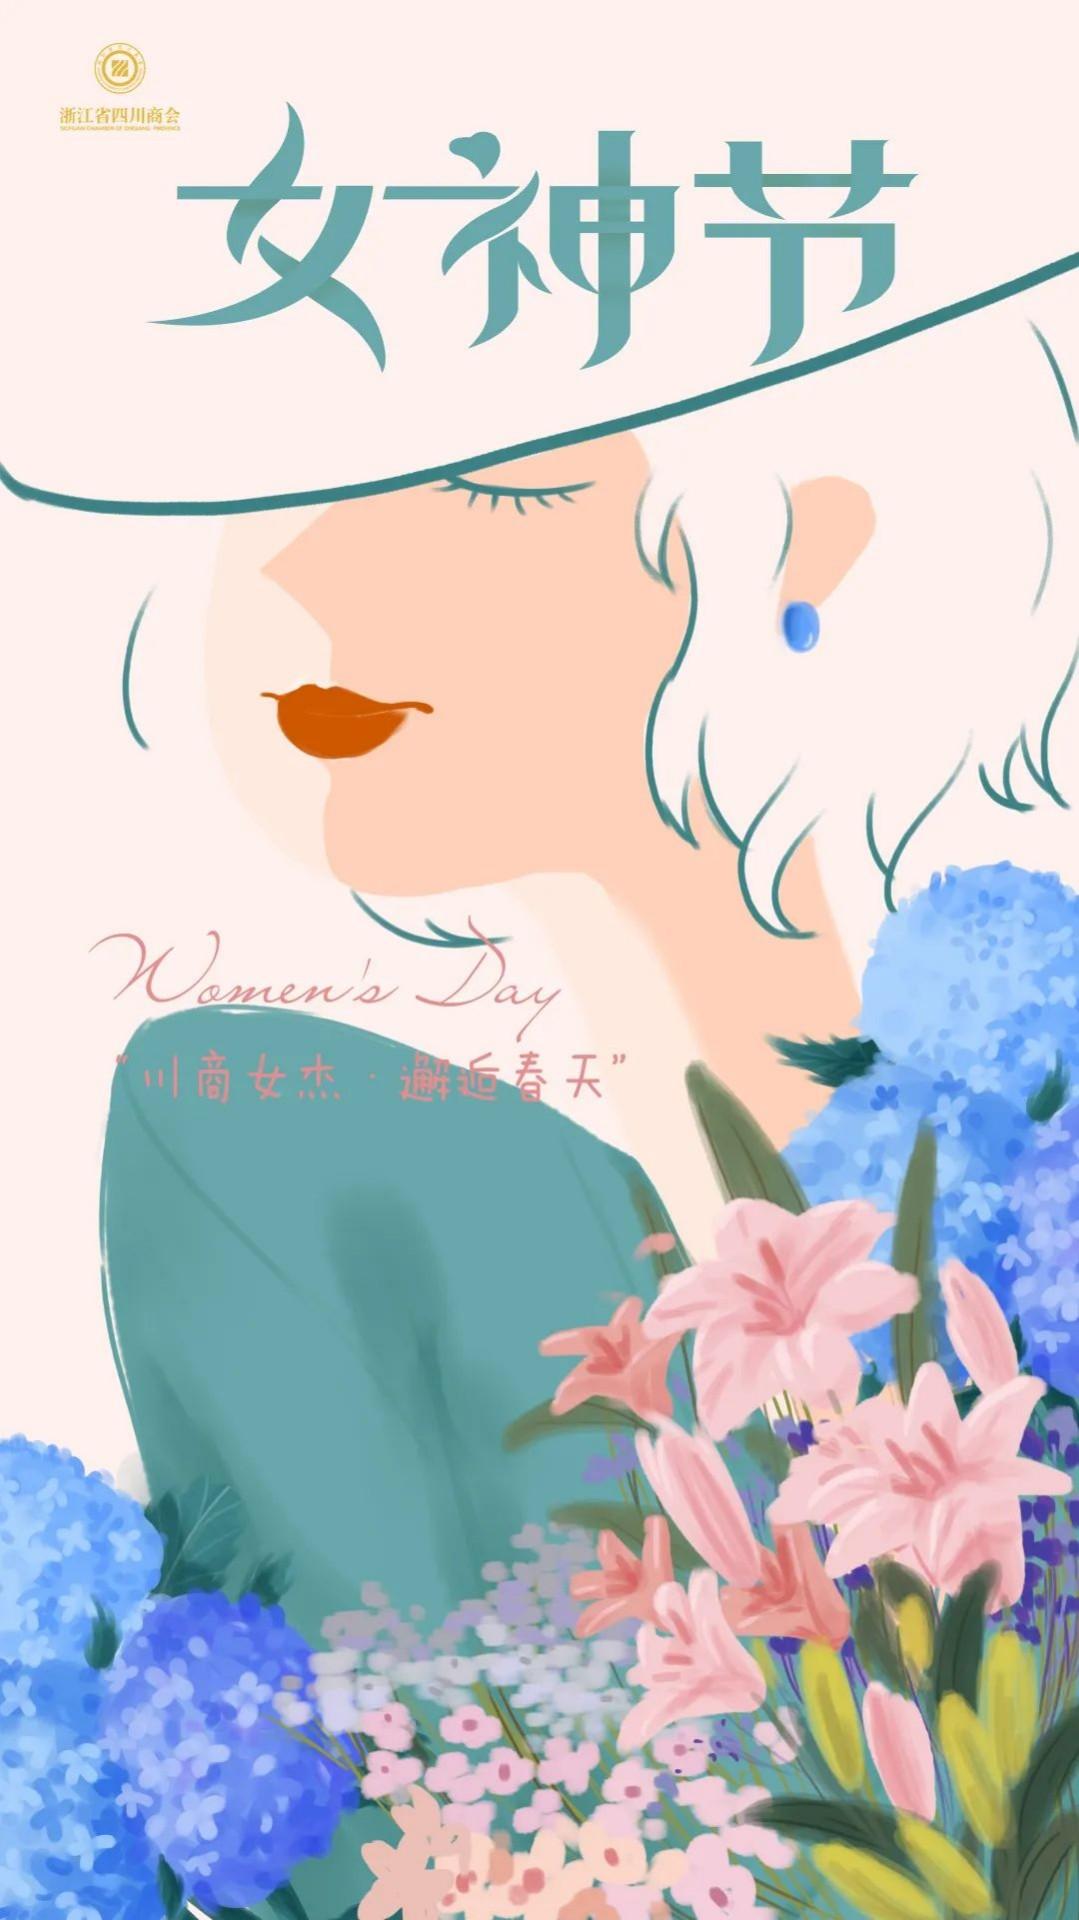 """【活动预告】""""川商女杰·邂逅春天""""--3月8日期待您的到来!"""